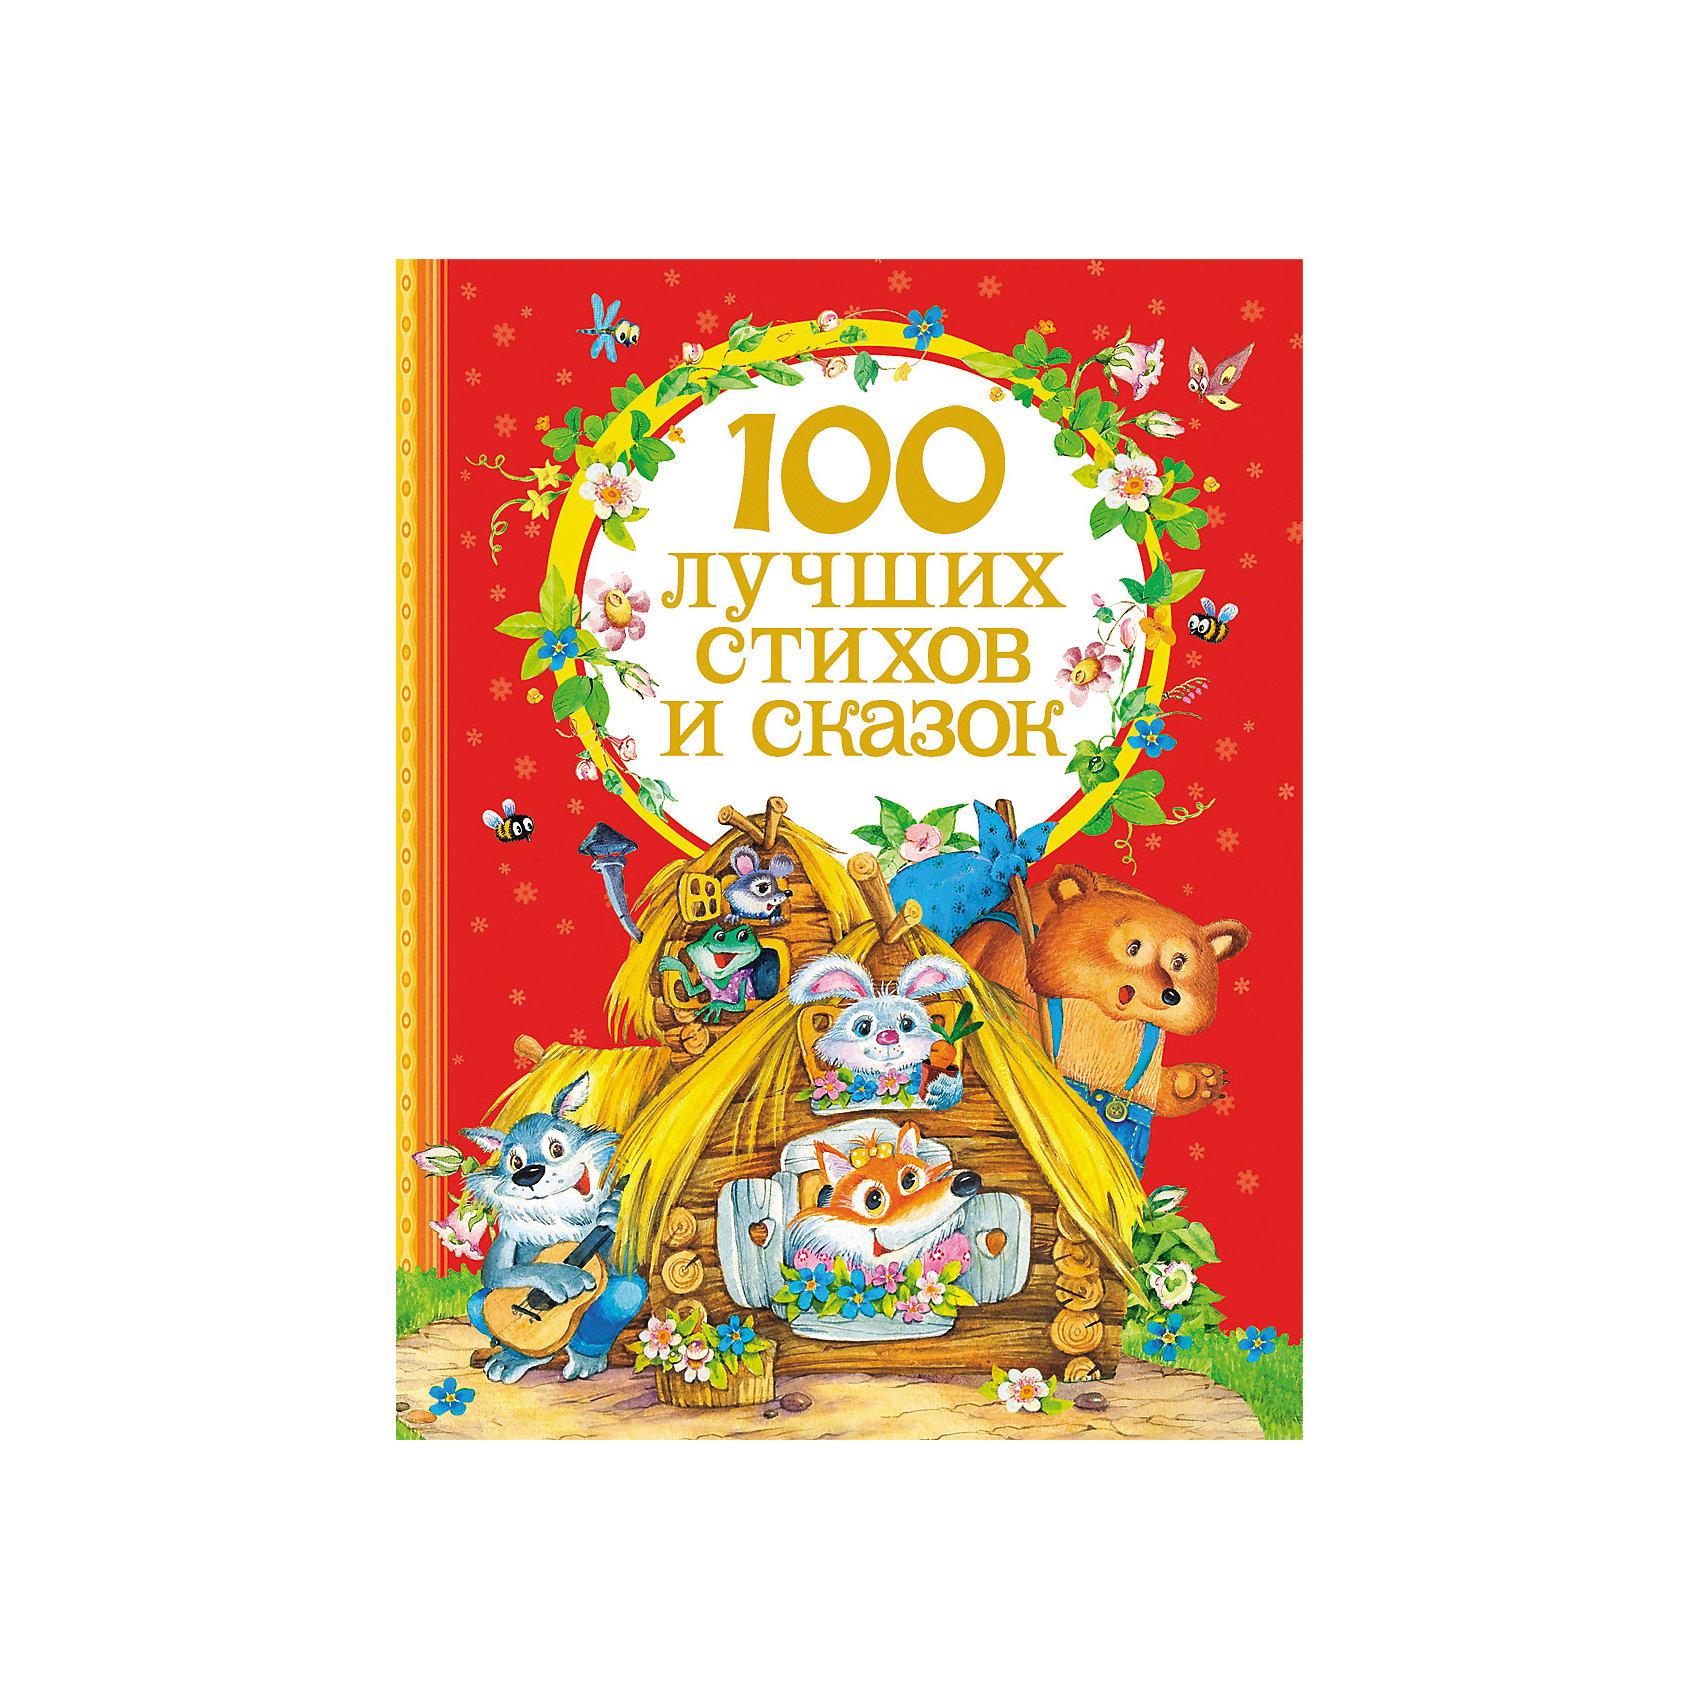 100 лучших стихов и сказокСтихи<br>Книга 100 лучших стихов и сказок Росмэн - сборник классических произведений для детей старше 3 лет. Это и произведения устного народного творчества, авторские сказки русских и зарубежных писателей, а также известные стихи для детей.<br><br>ХАРАКТЕРИСТИКИ:<br><br>количество страниц: 240<br>иллюстрации: цветные<br>обложка: твердая<br>размер книги: 265х205x20 мм<br>вес: 740 г.<br><br>Ширина мм: 265<br>Глубина мм: 205<br>Высота мм: 20<br>Вес г: 740<br>Возраст от месяцев: 36<br>Возраст до месяцев: 144<br>Пол: Унисекс<br>Возраст: Детский<br>SKU: 4782450